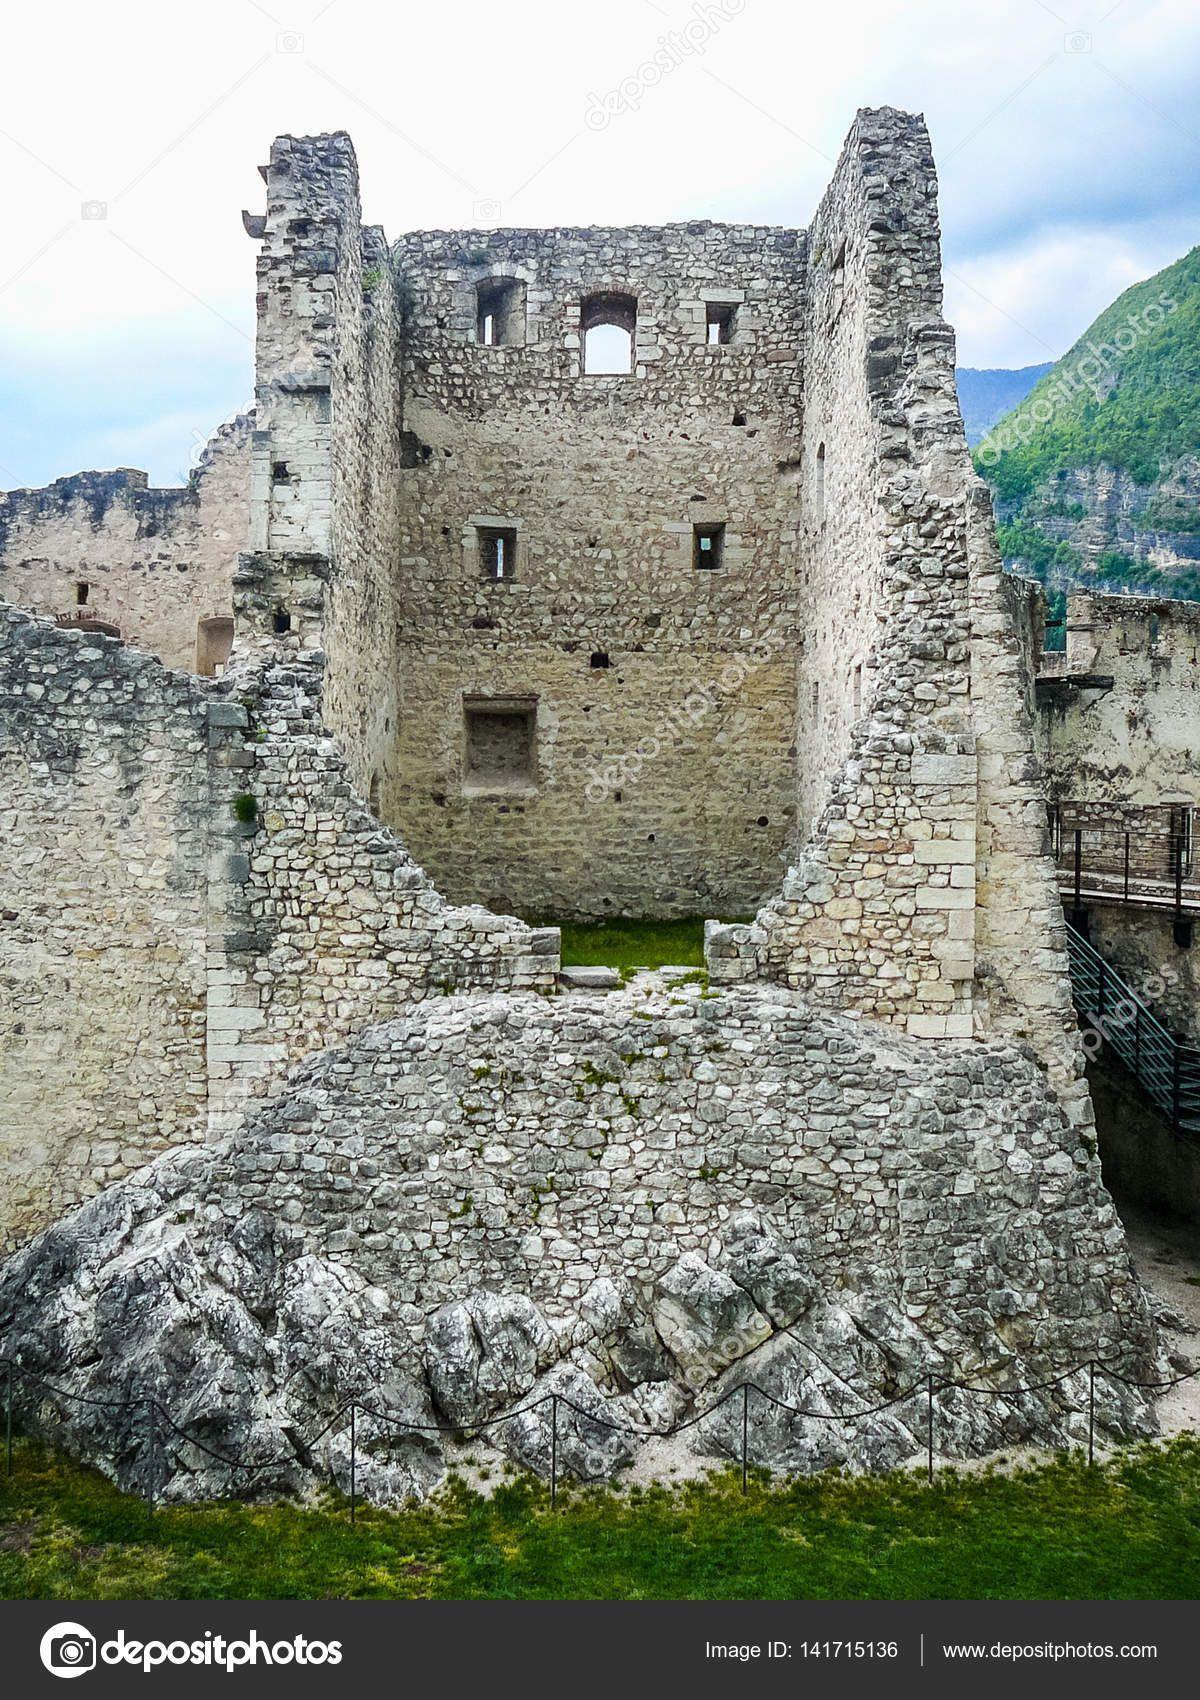 Pin by castlehunting on italy trentinoalto adige